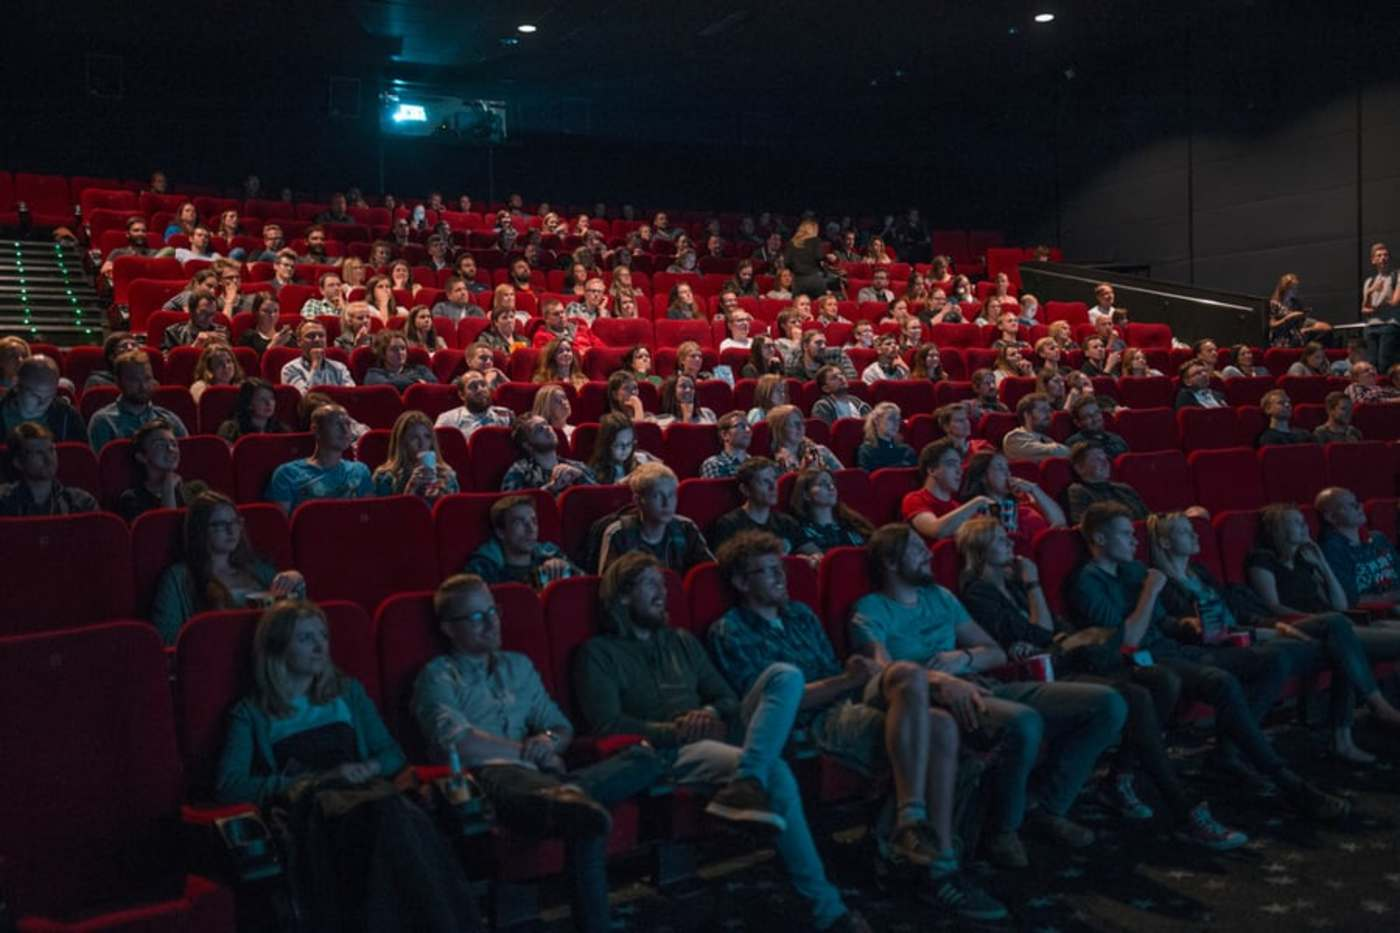 电影院复工首日:票房已破300万,但全面恢复依旧艰难